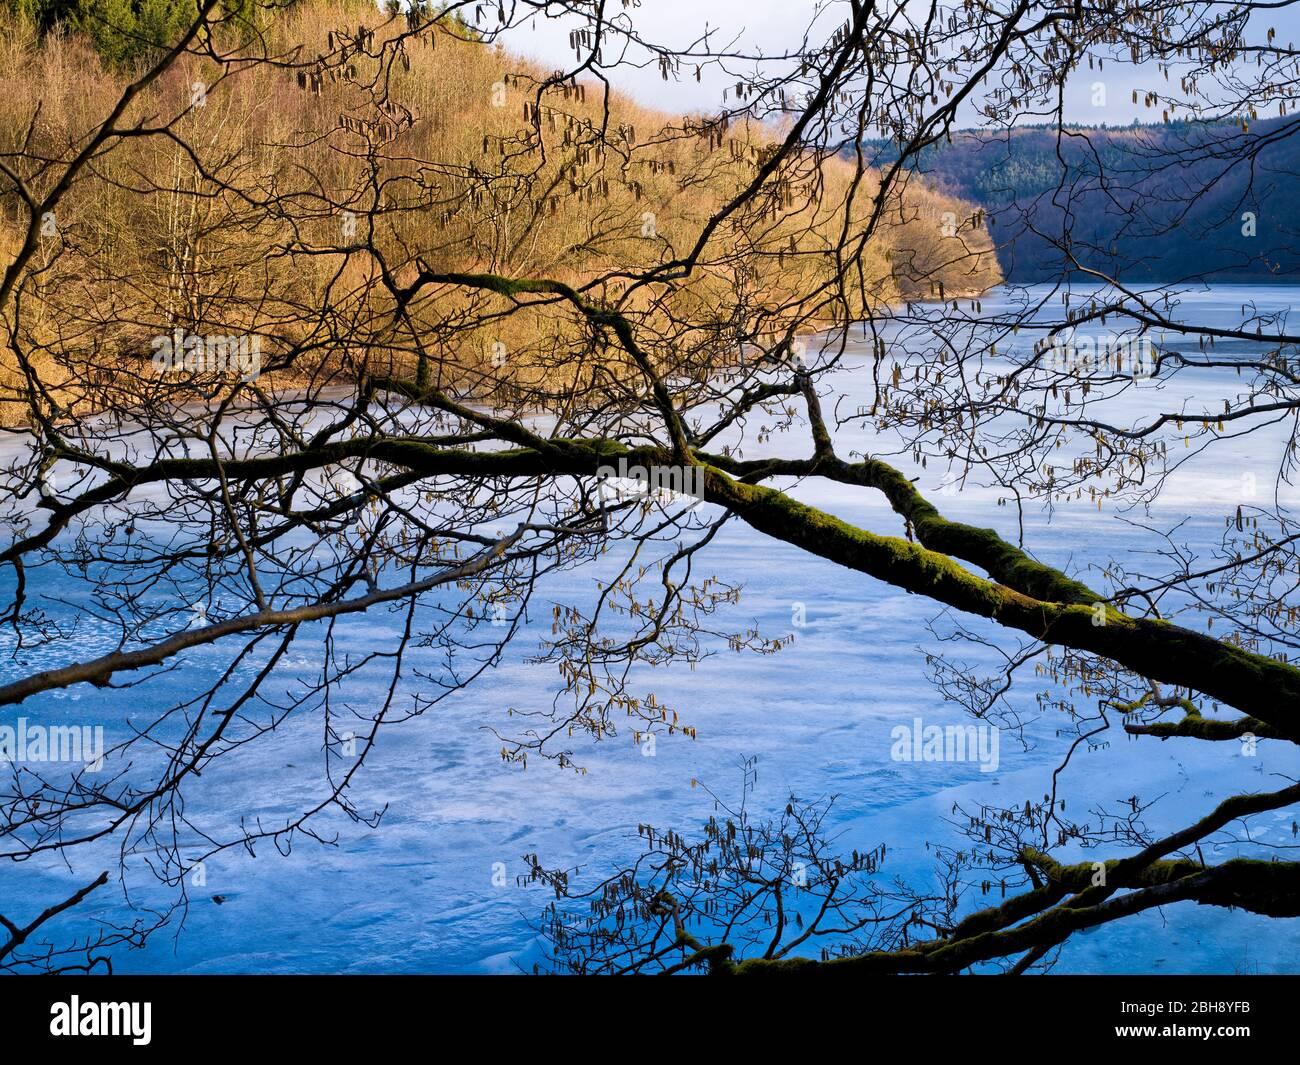 Europa, Deutschland, Hessen, Vöhl, Nationalpark Kellerwald-Edersee, Winterstimmung, Haselnussbaum am Ufer der Wooghölle Stock Photo